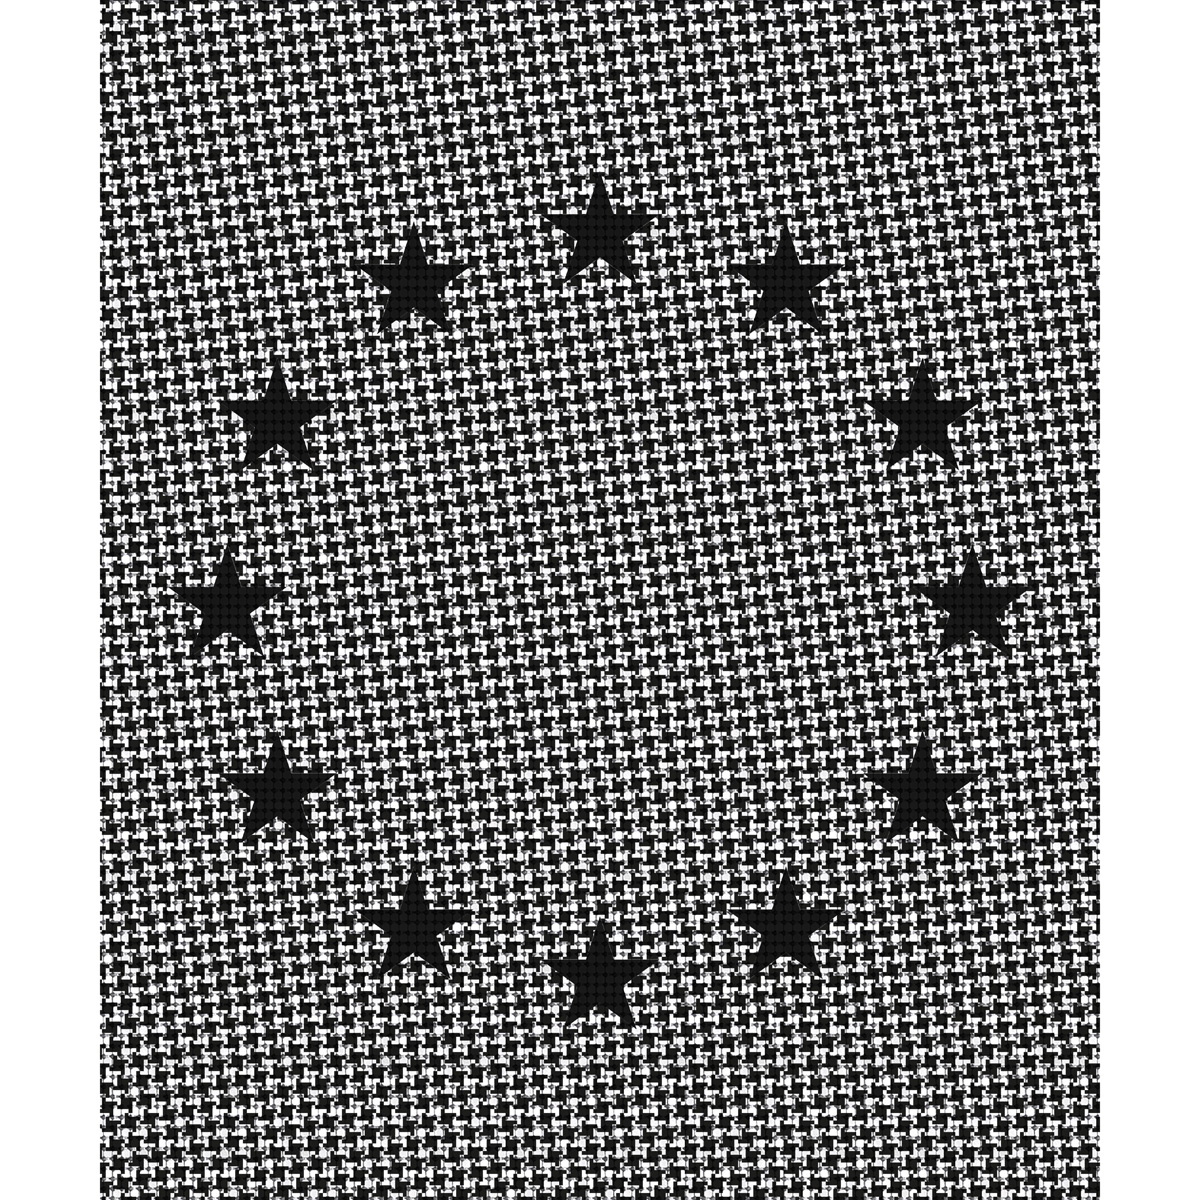 Rosemarie Trockel Lesson 1 black stars